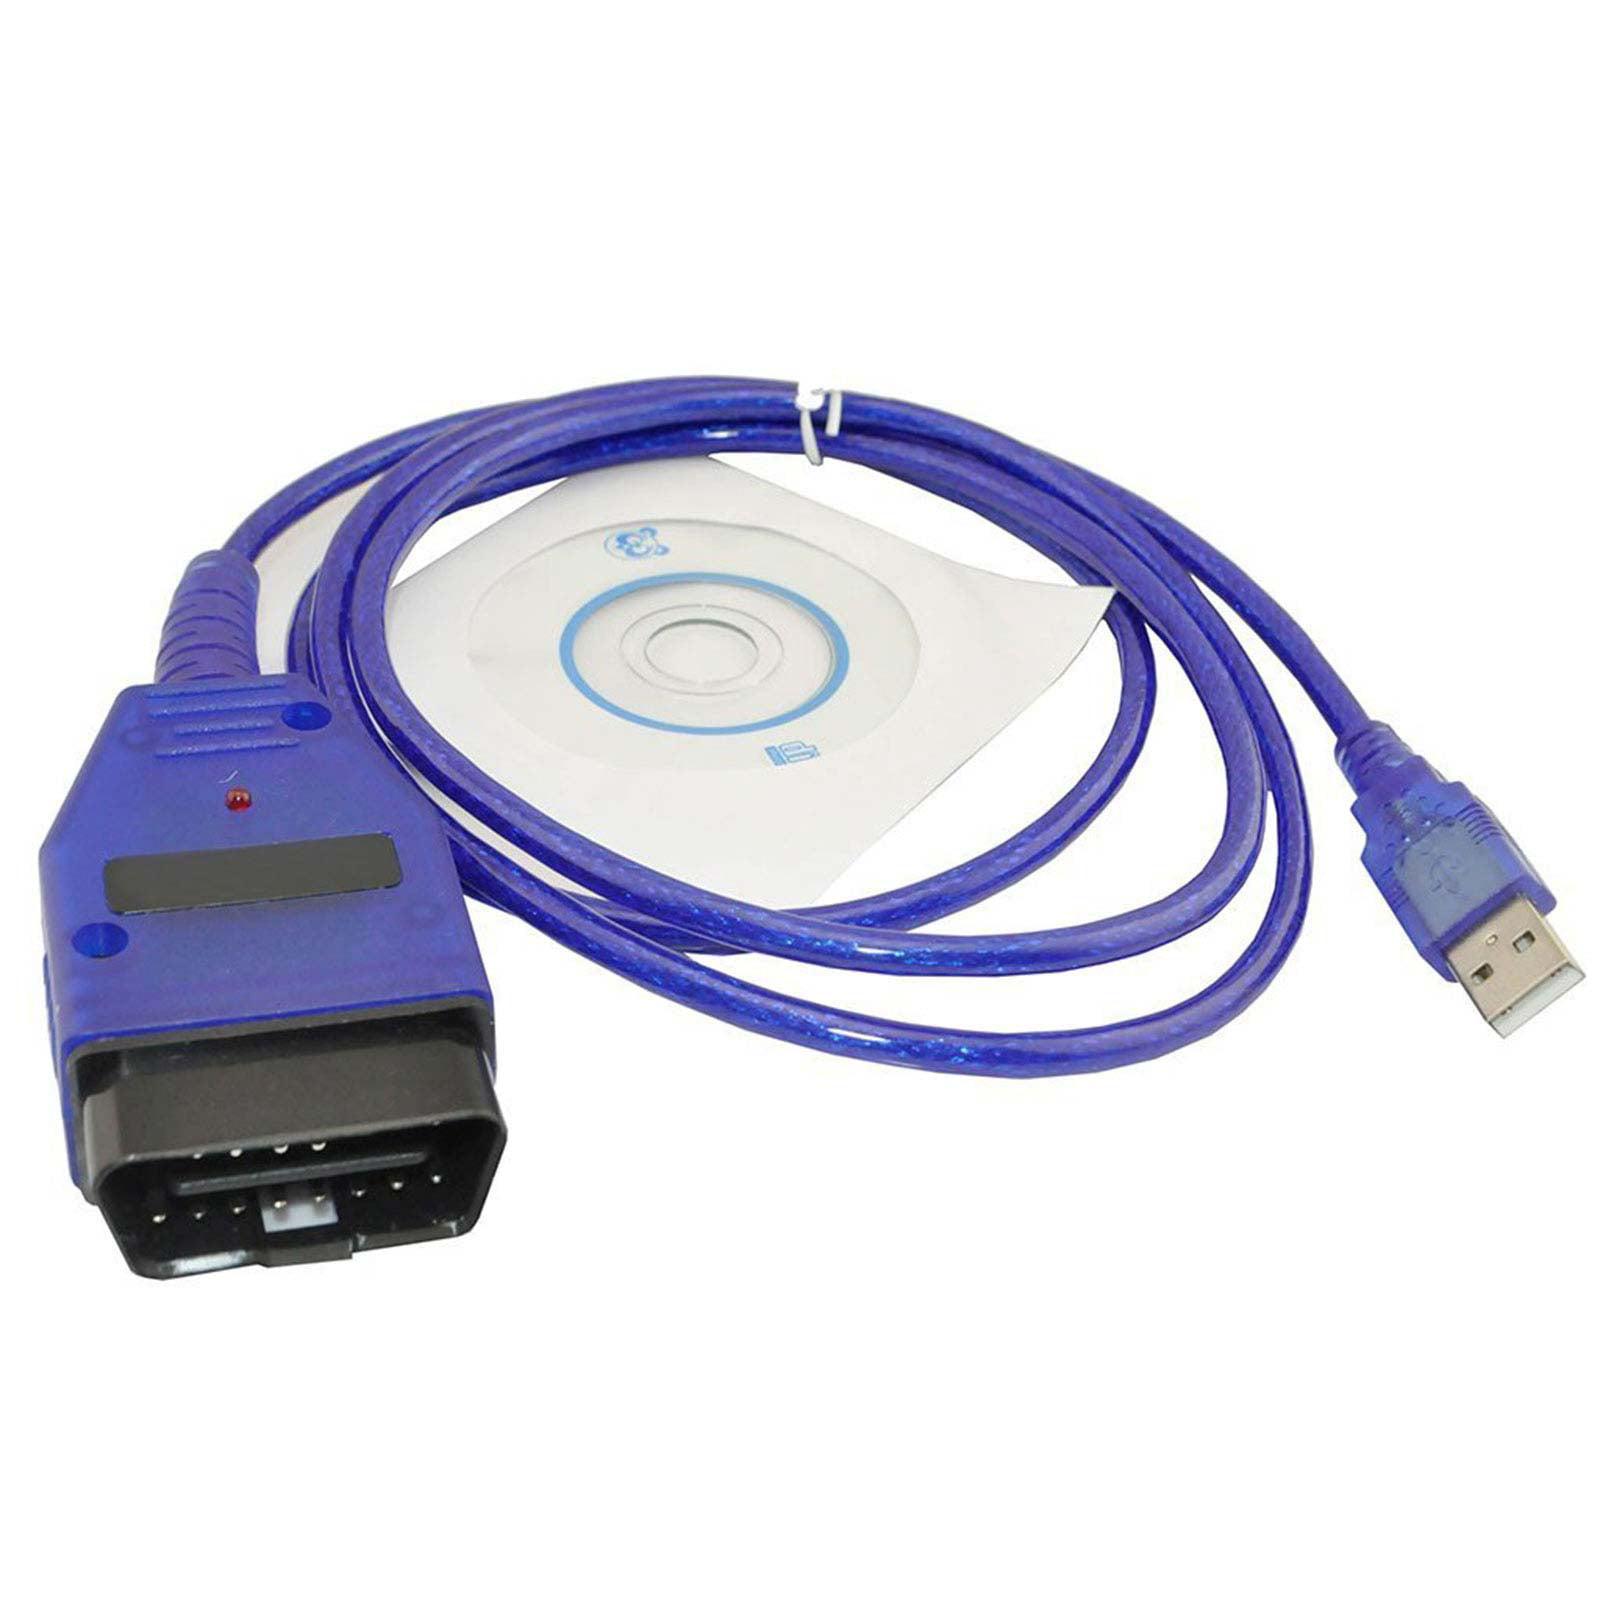 VAG-COM KKL 409.1 OBD2 USB Cable Scanner Scan Tool For Audi SEAT Volkswagen Auto